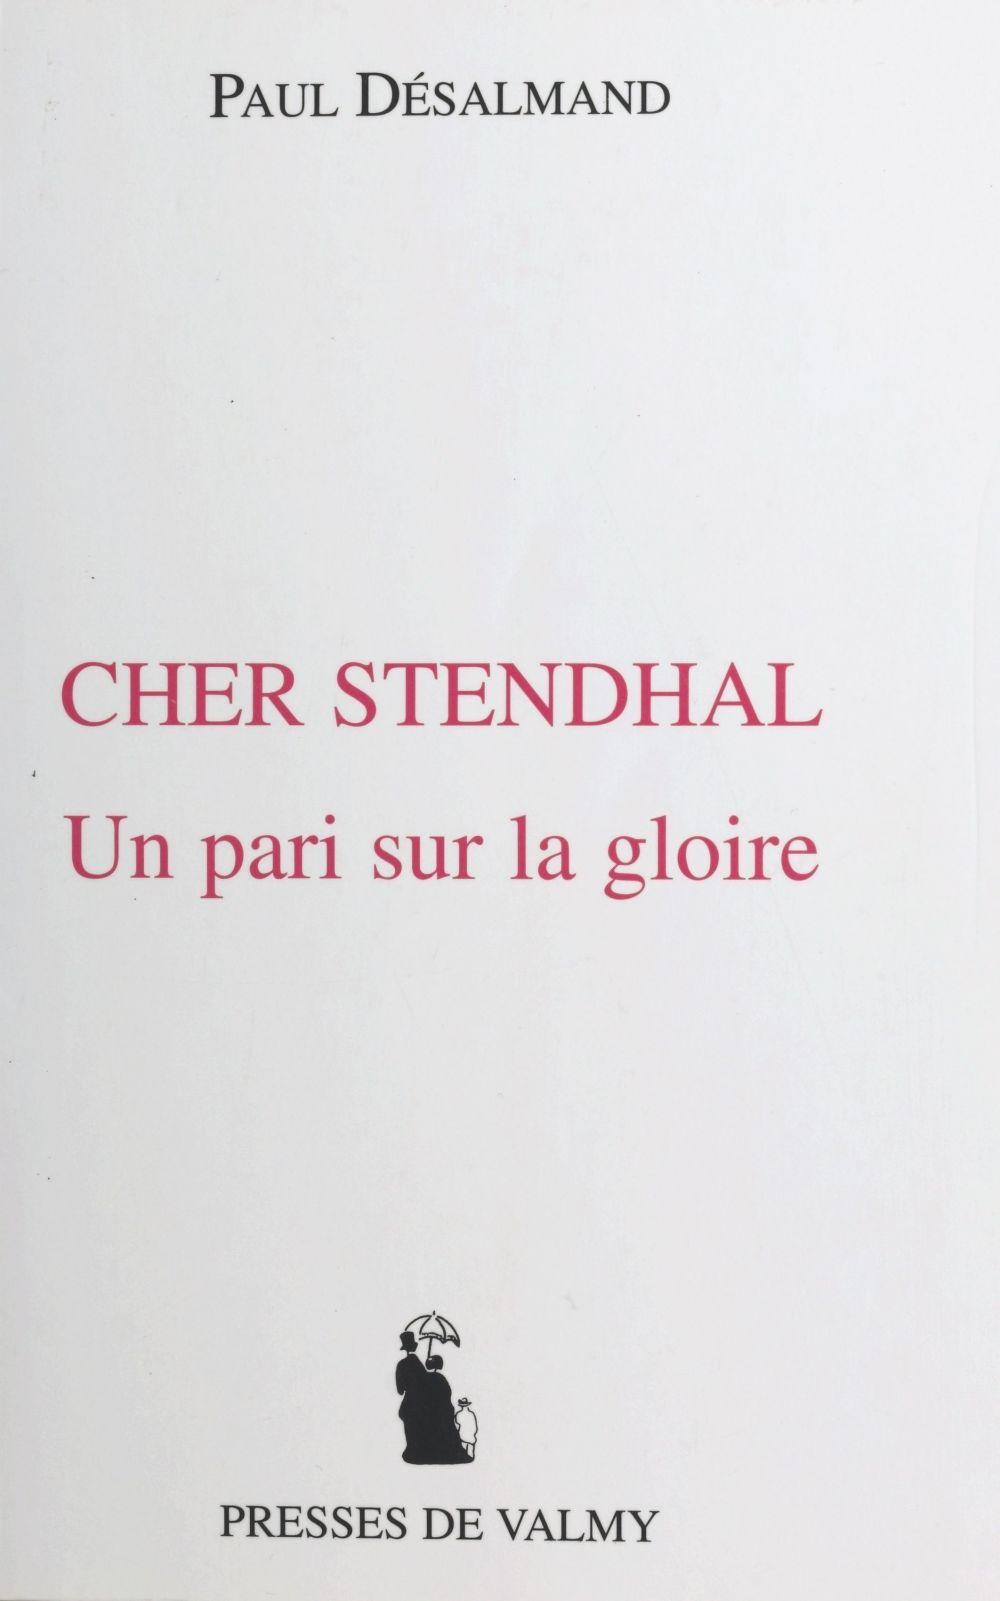 Cher stendhal